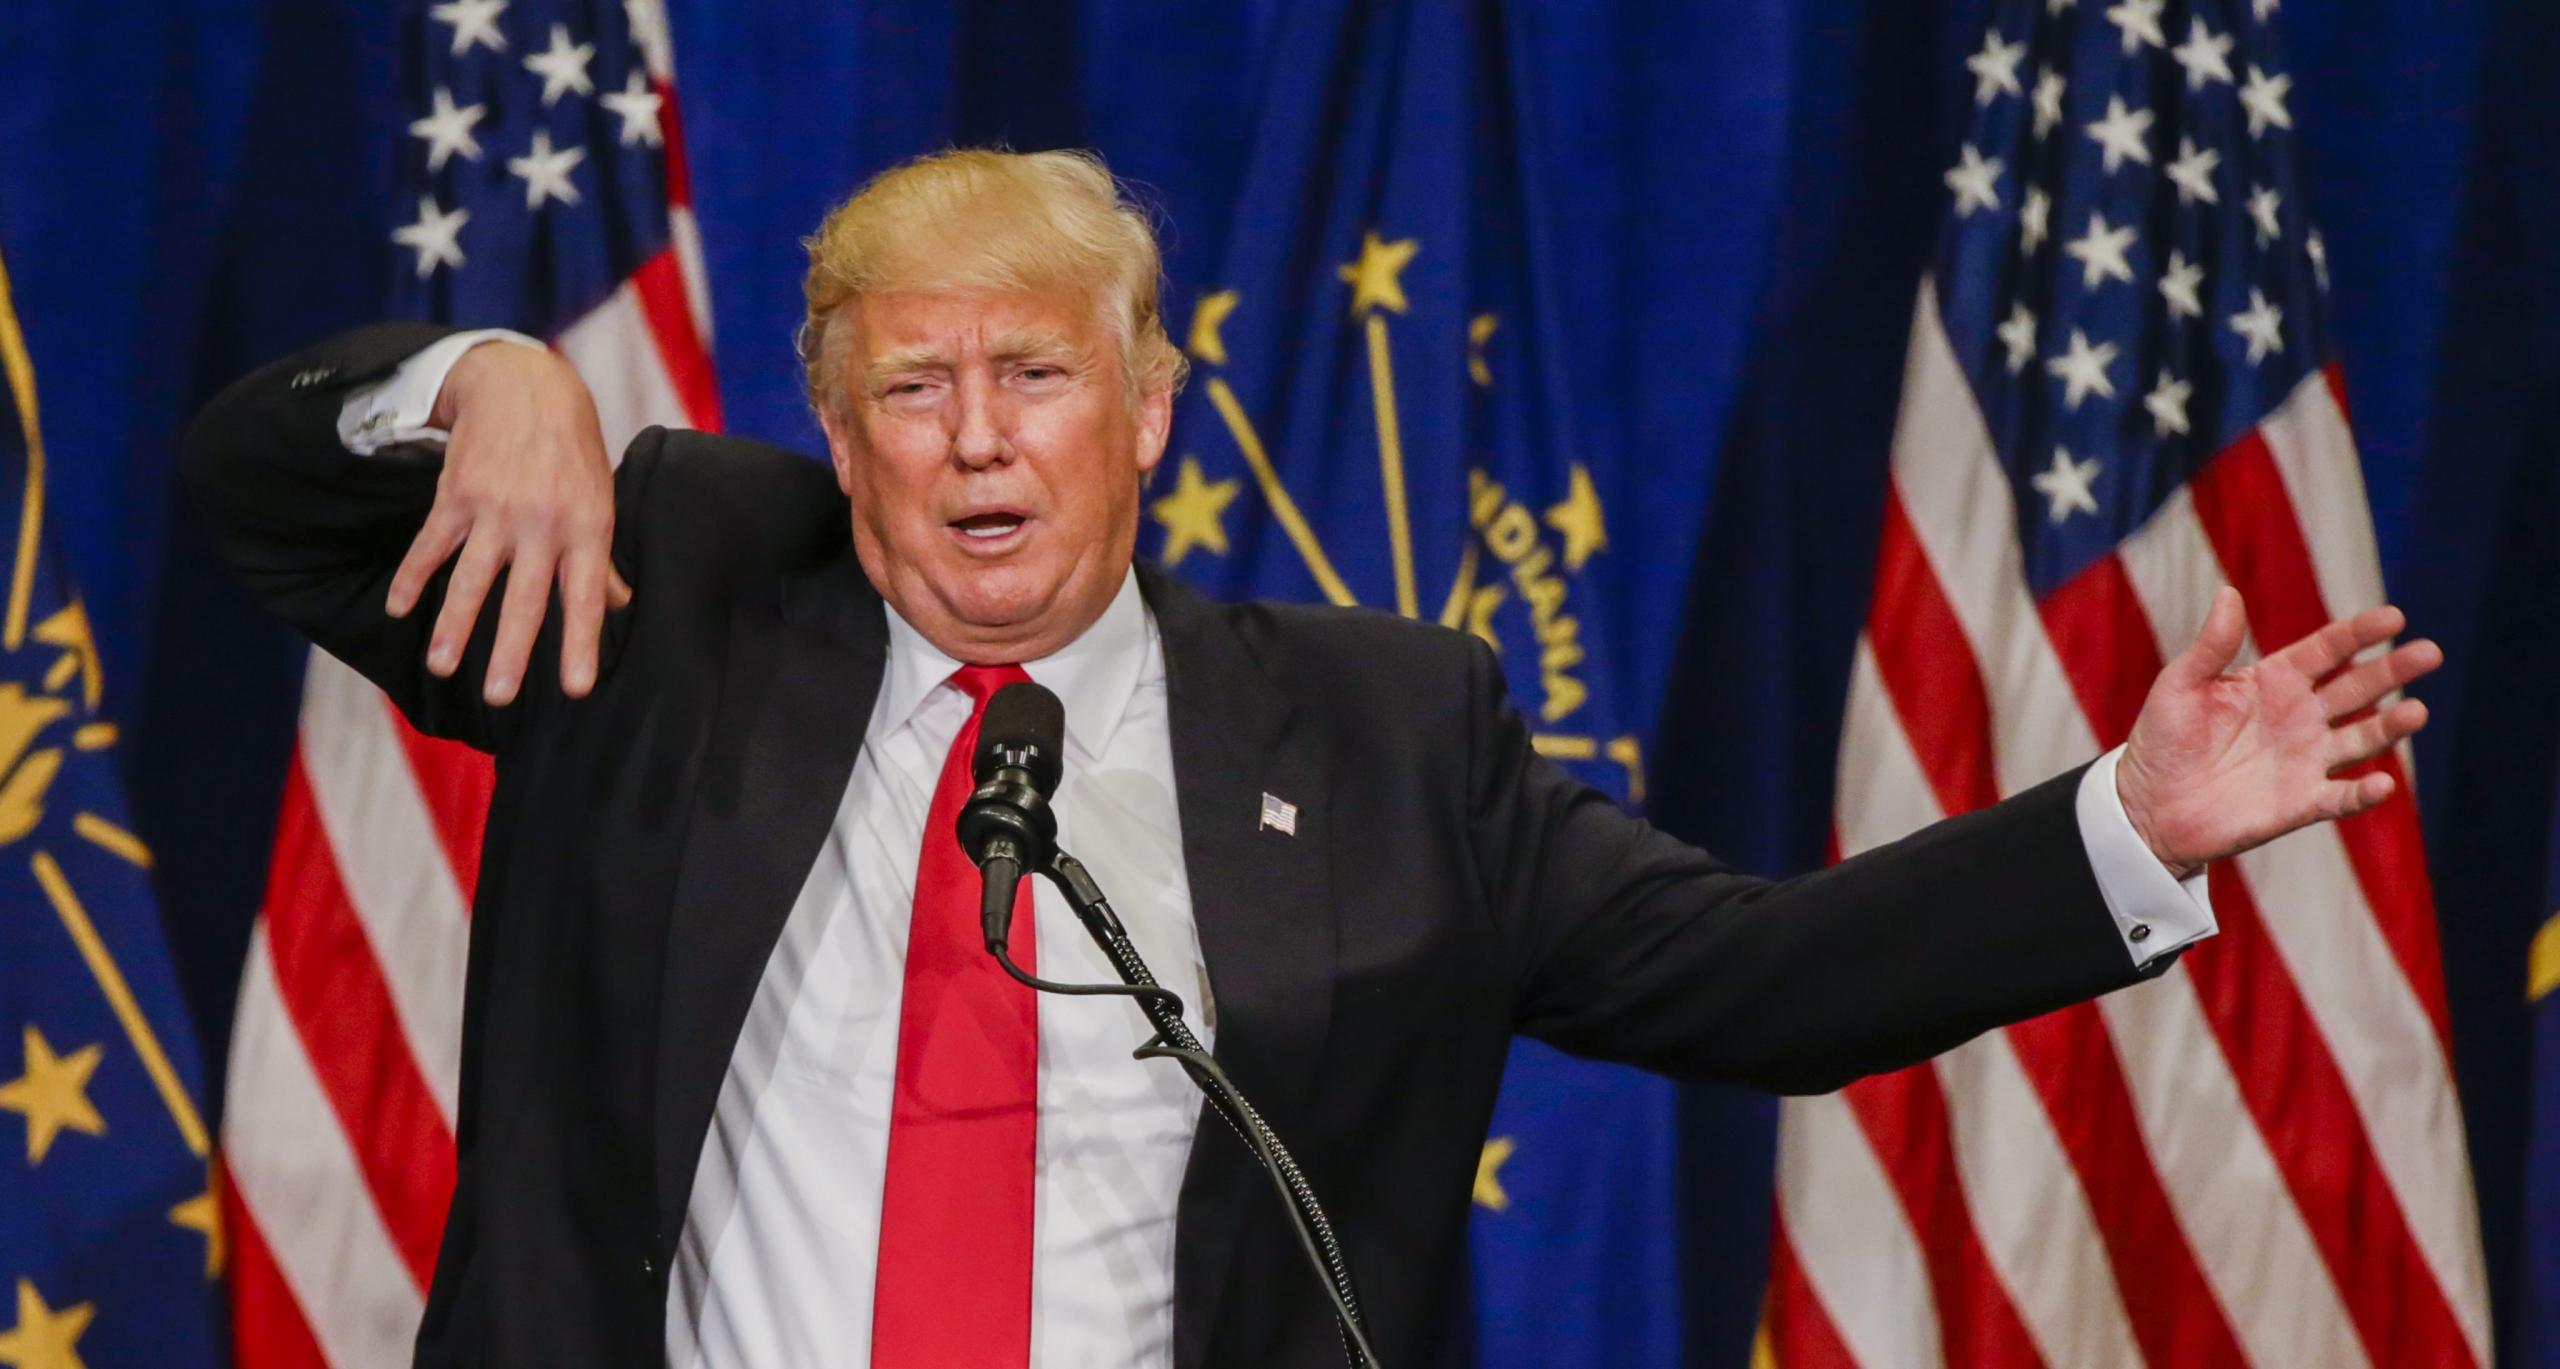 Trump oponaša telesno prizadeteto osebo